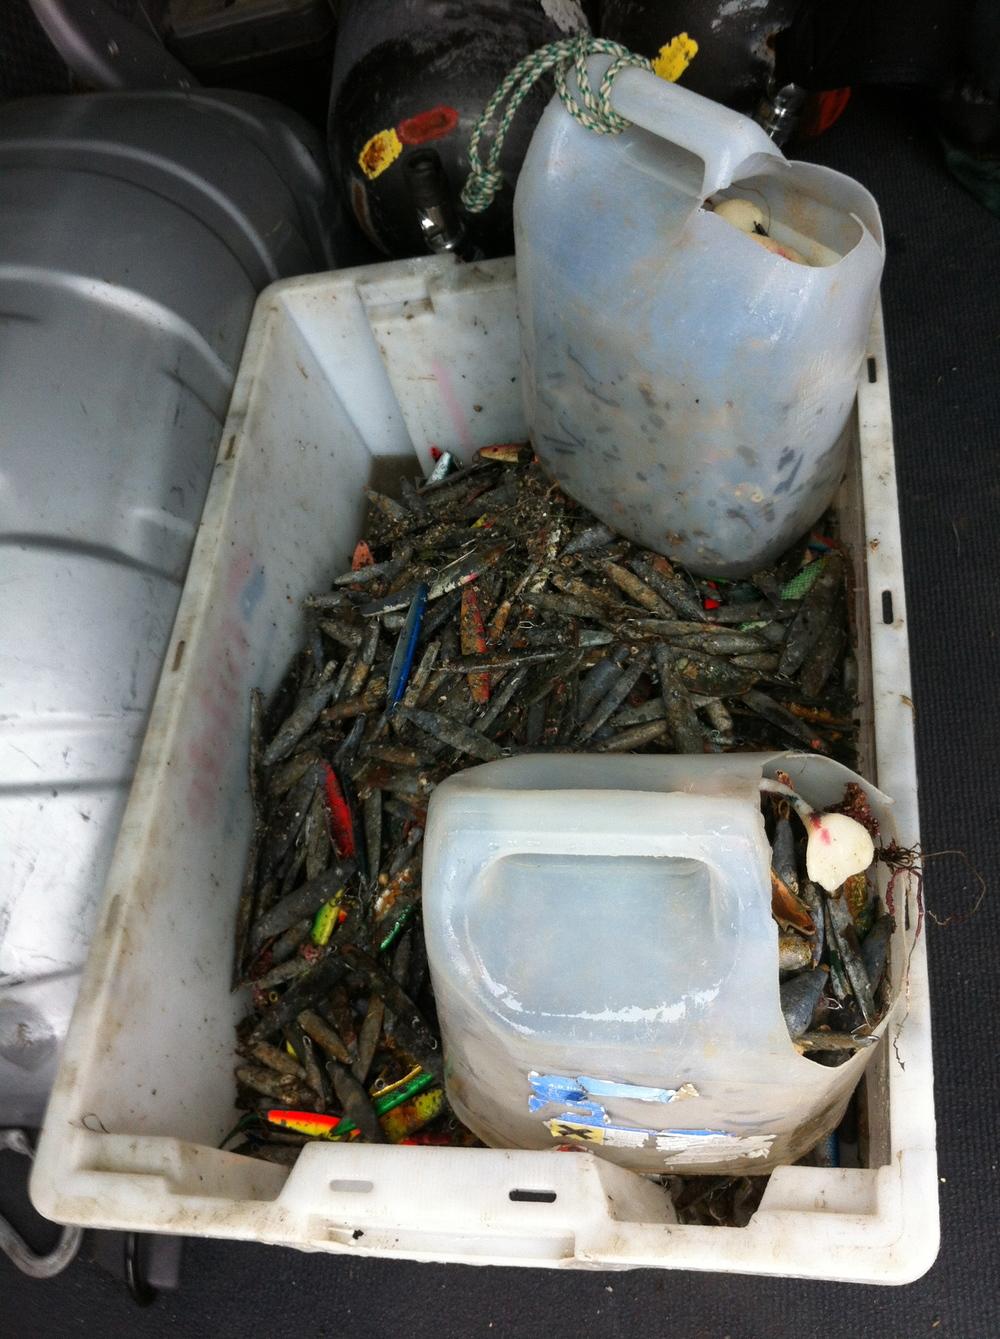 Fangst av bly etter en helgs dugnad. En full vindusspylerdunk veier ca 15kg.